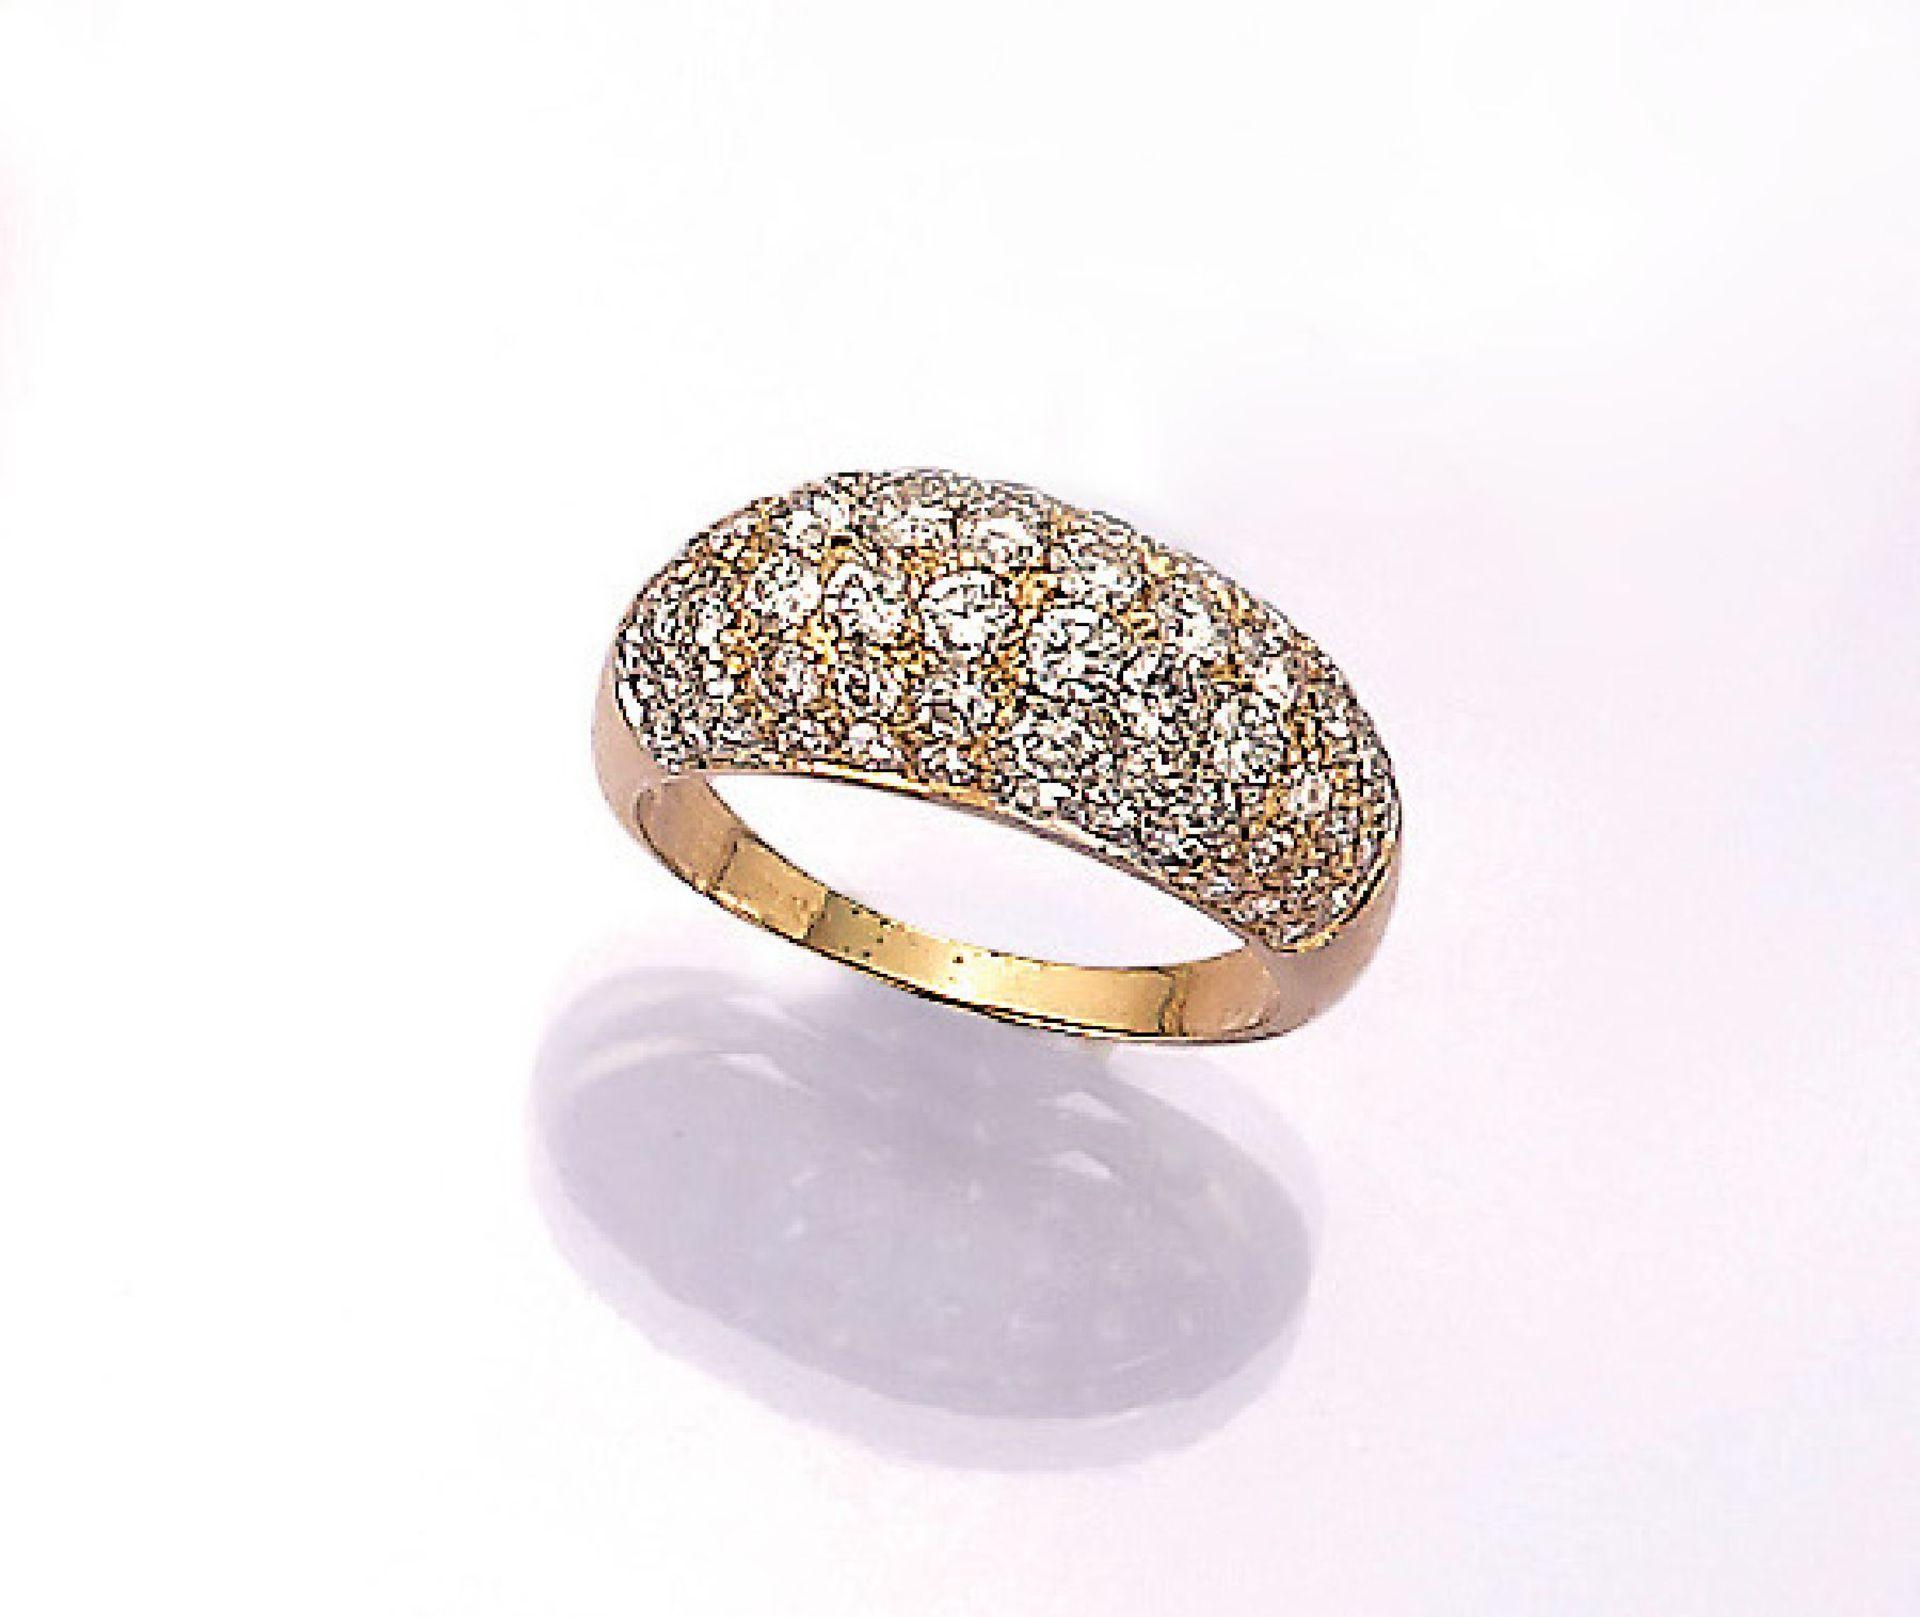 Los 31532 - 18 kt Gold Ring mit Brillanten, GG 750/000, Brillanten zus. ca. 1.50 ct feines Weiß-Weiß/vvs-si,